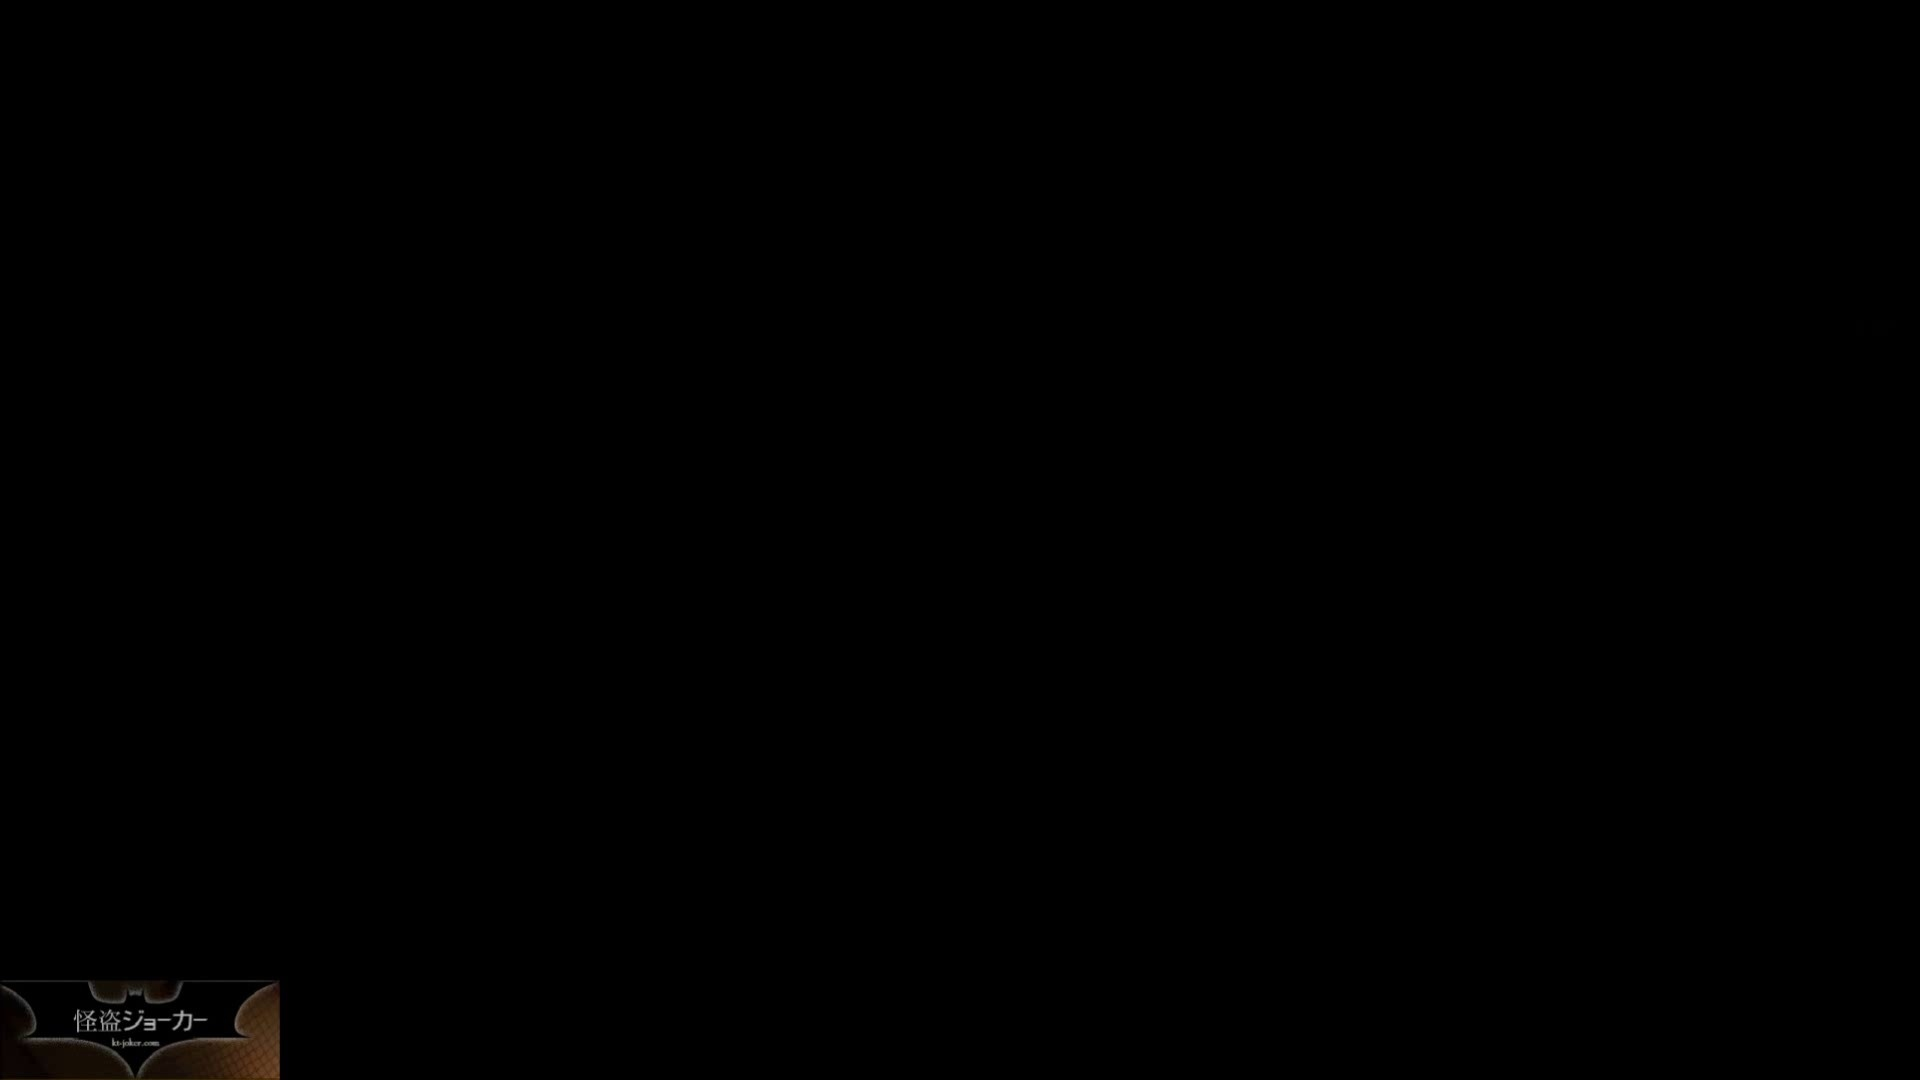 vol.1【現役JD】じゅりちゃん☆新歓コンパの3次会後、酔い潰してから! ロリ  111PIX 39